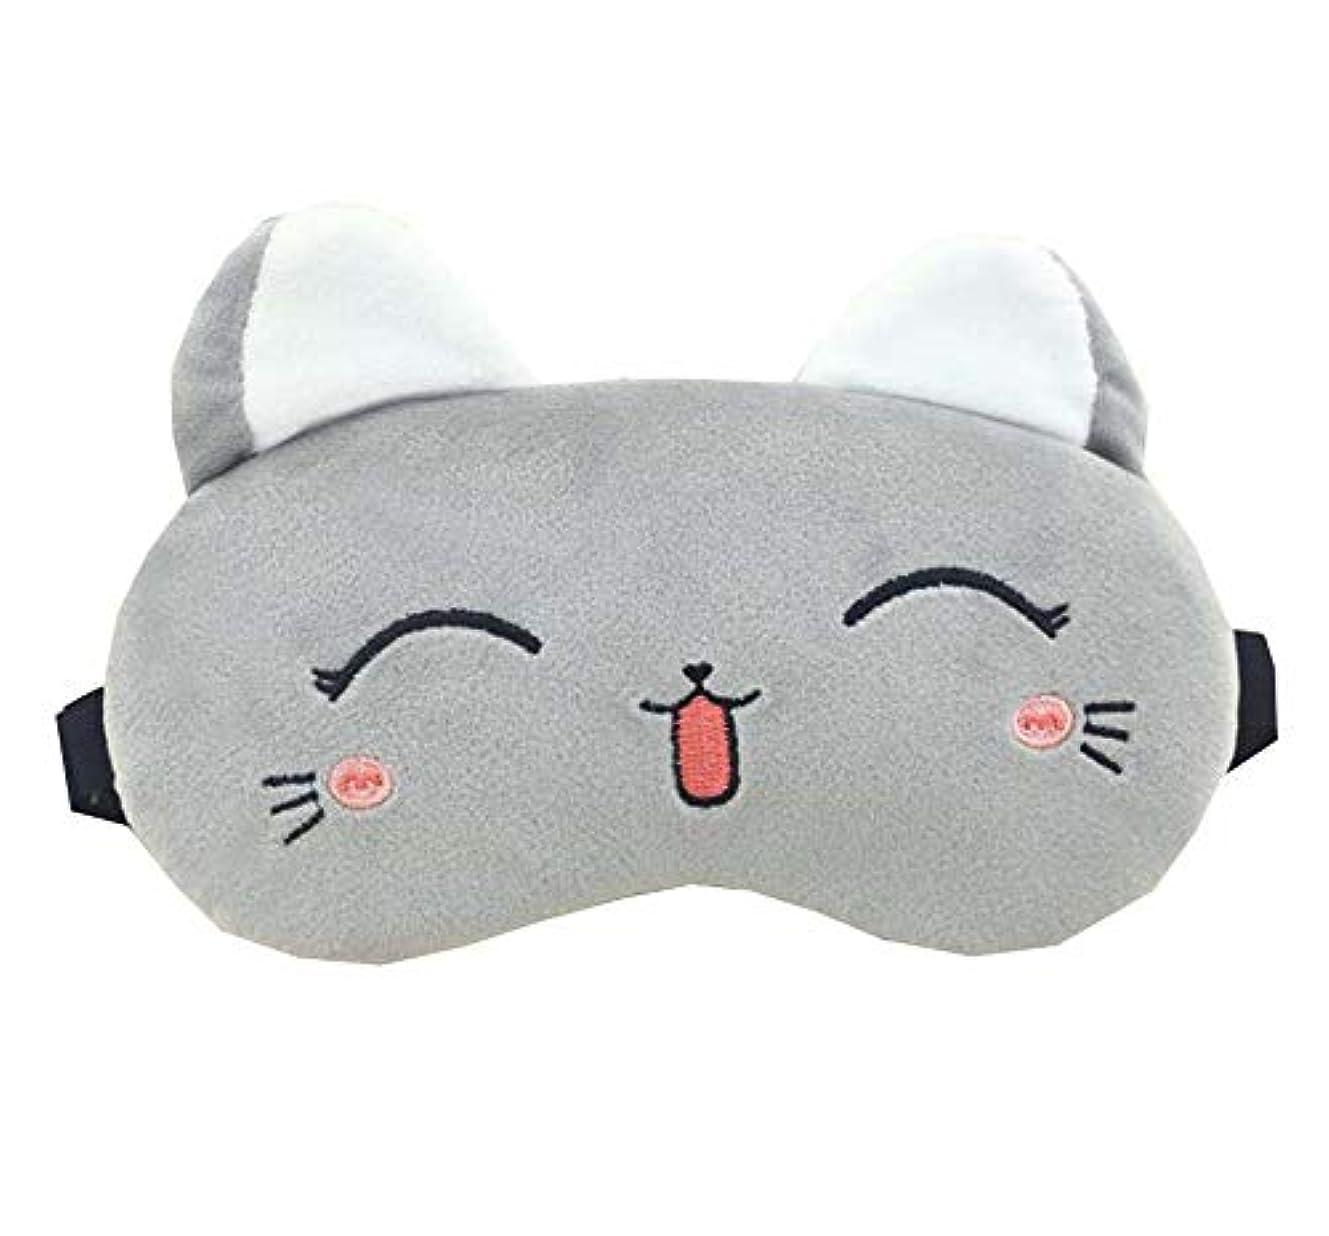 シフト粗い着替える女の子の旅行スリーピングアイシェード - 目隠しナップカバーアイマスクの改善睡眠、A